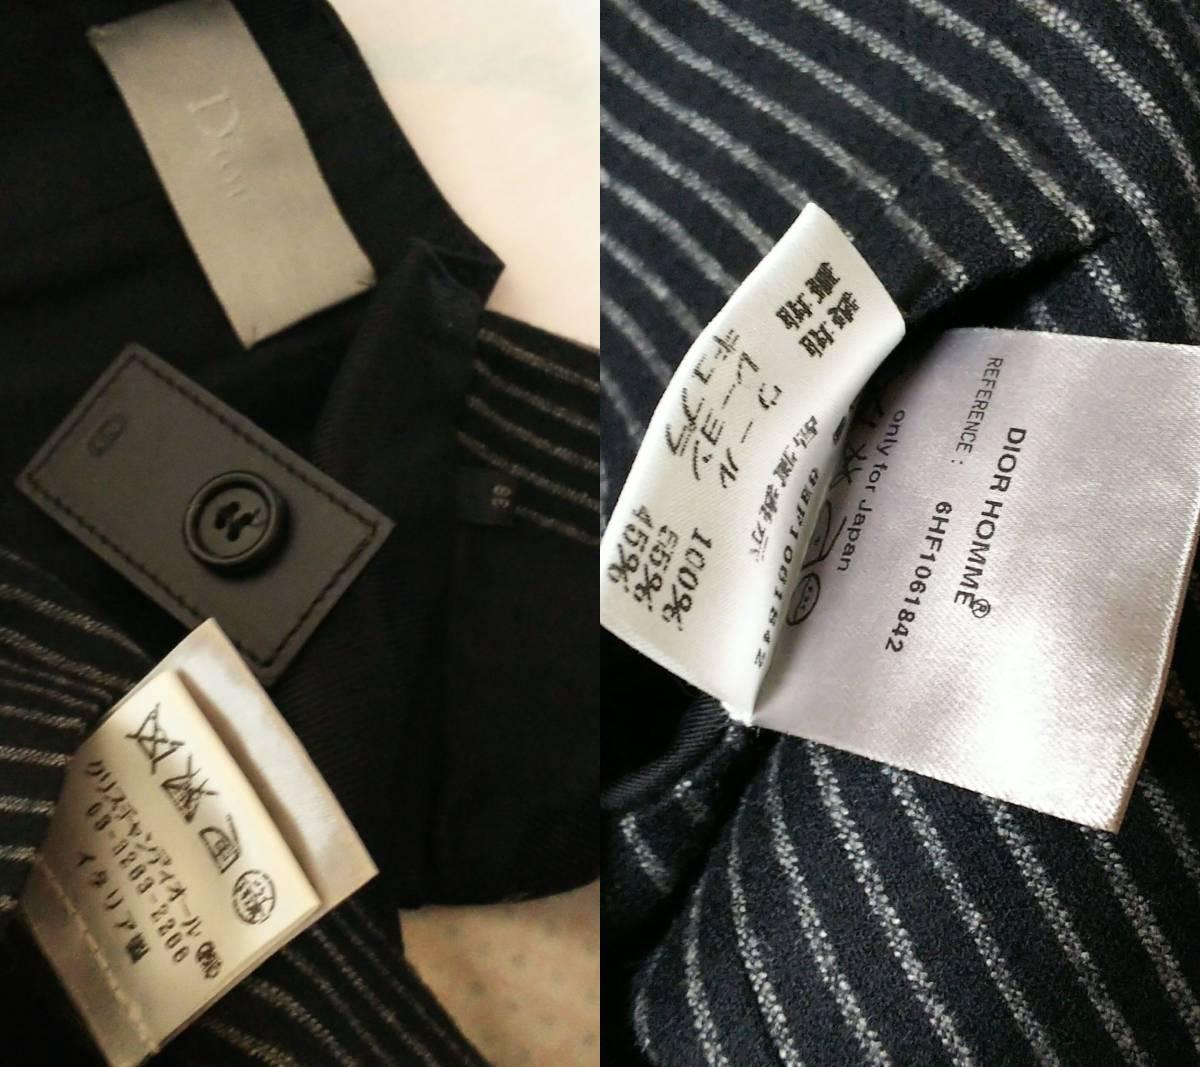 国内正規 美 Dior Hommeディオールオム Uカットドレスジレ黒 ブラック×ストライプベスト 最小38 XXS 6H エディ期 ジャケット以上の存在感!_画像9